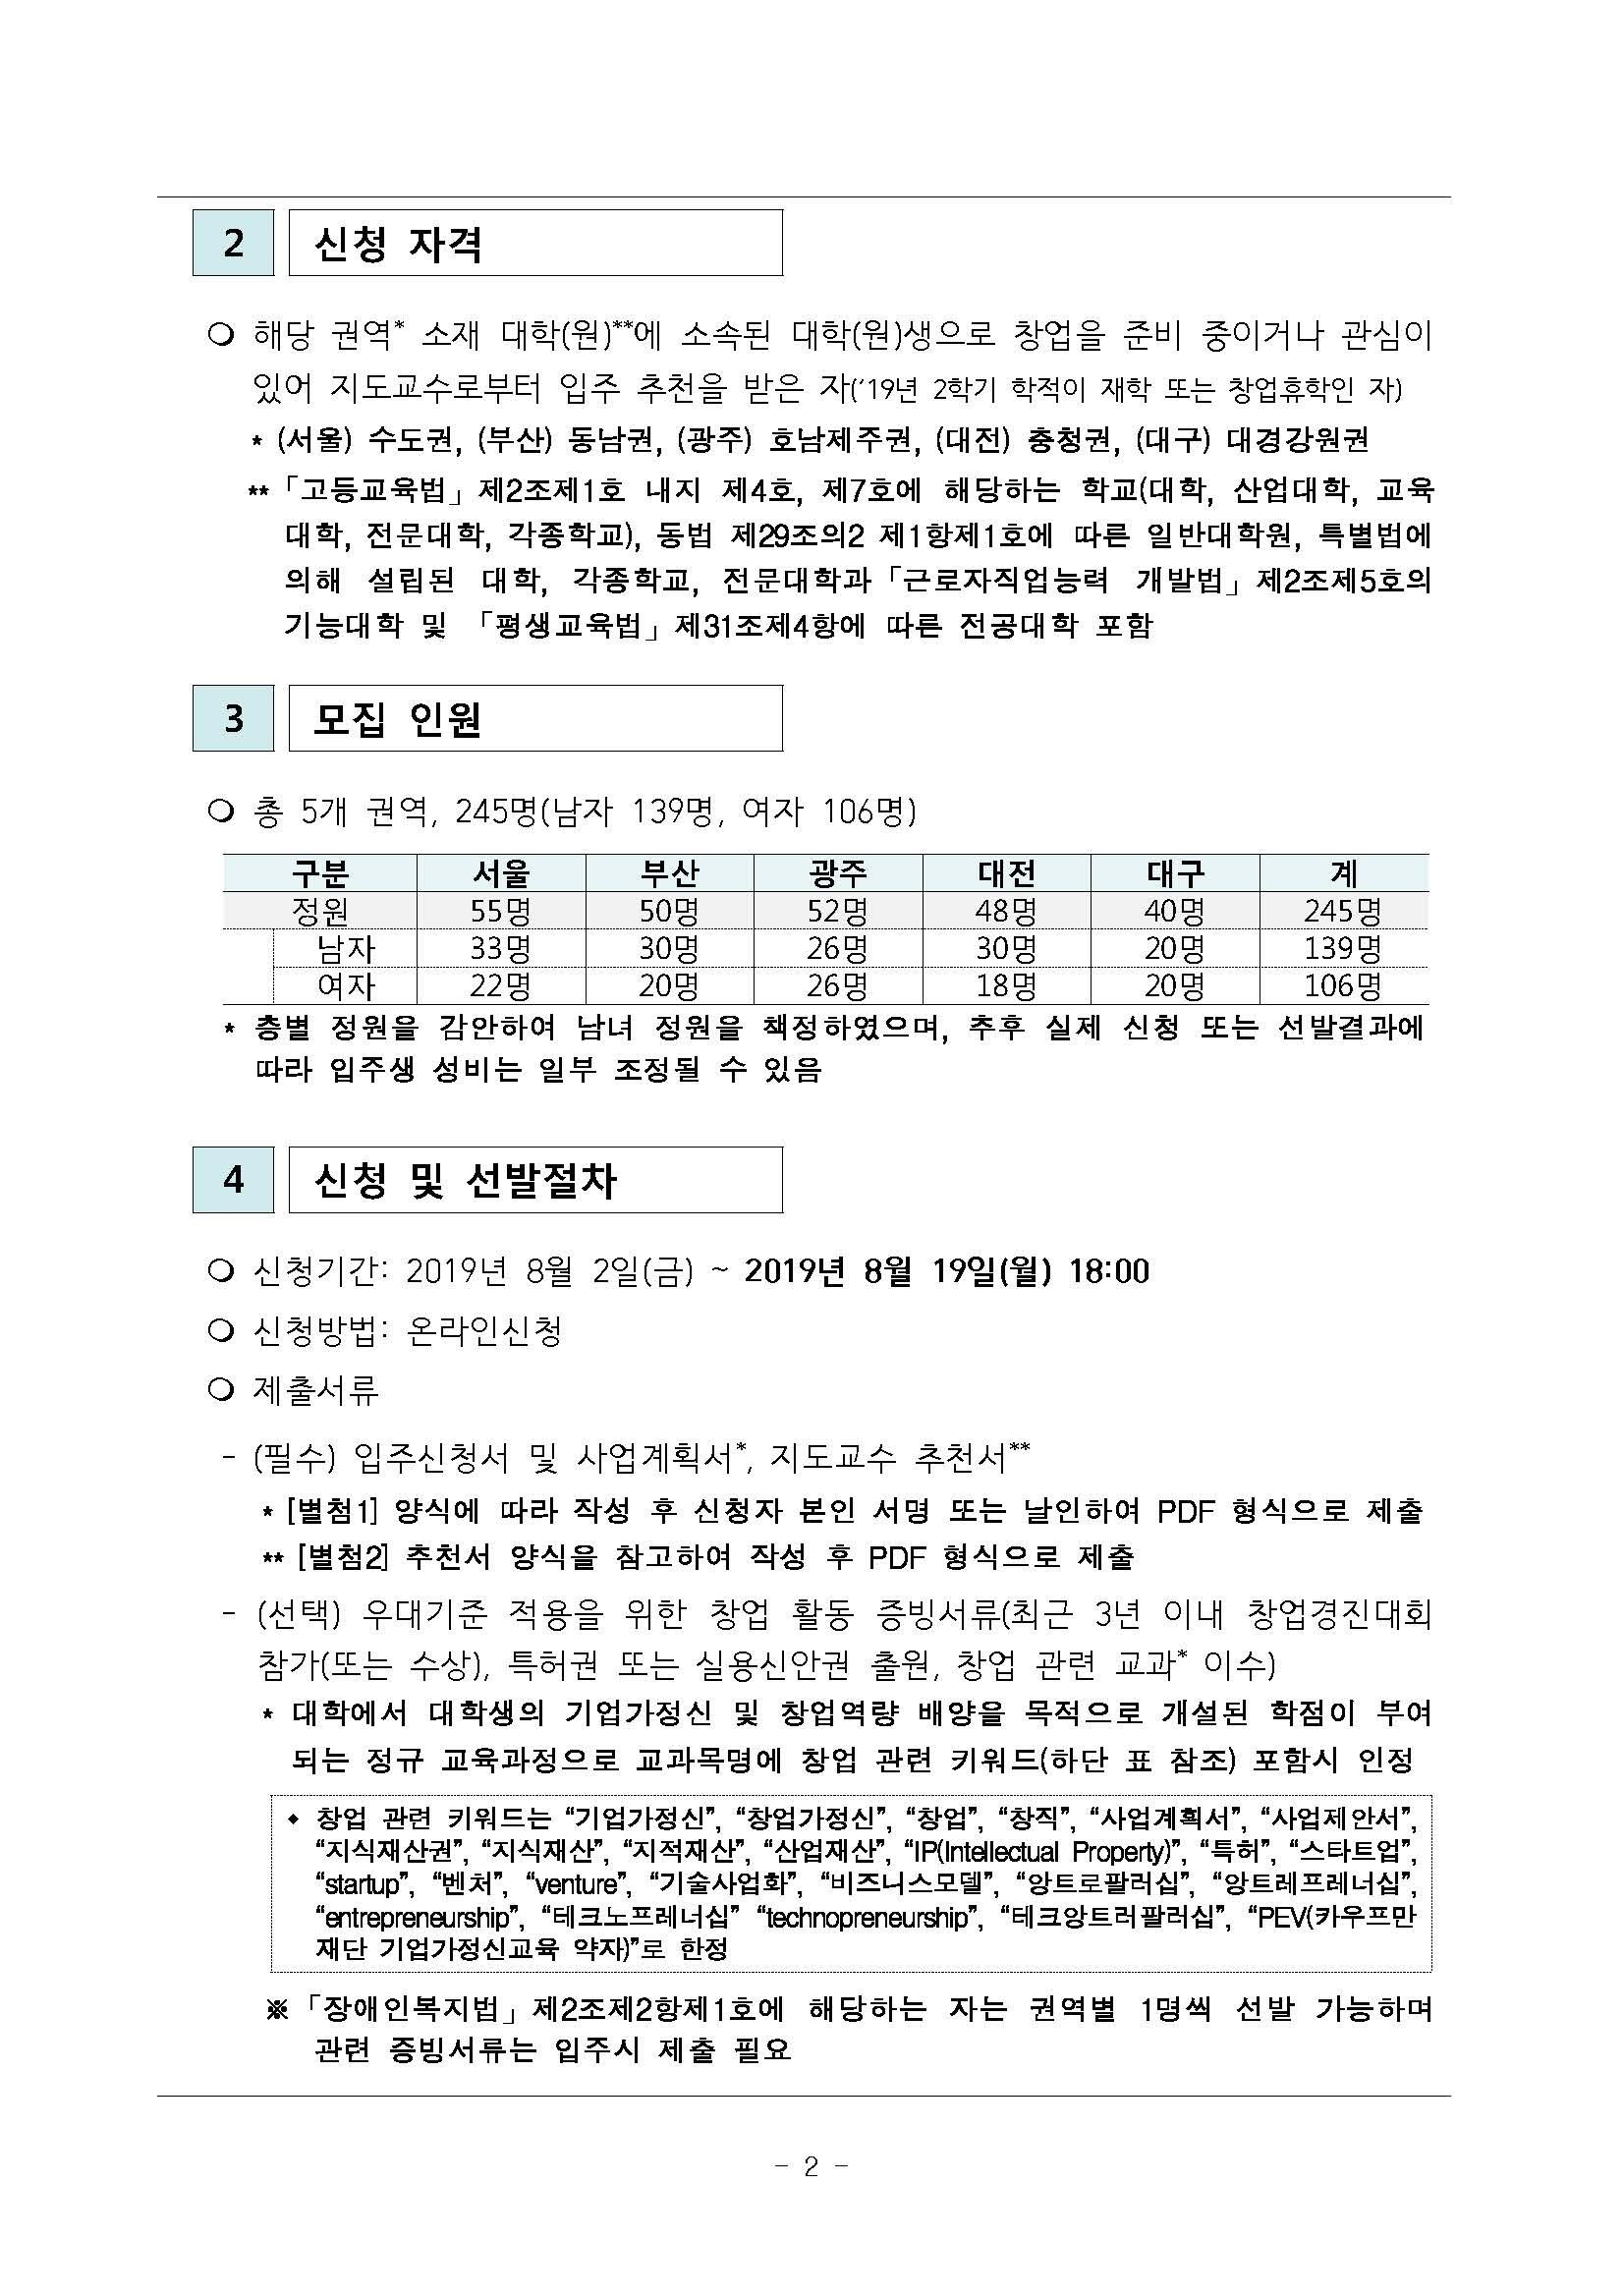 2019년 한국장학재단 창업지원형 기숙사 입주생 모집 공고_페이지_2